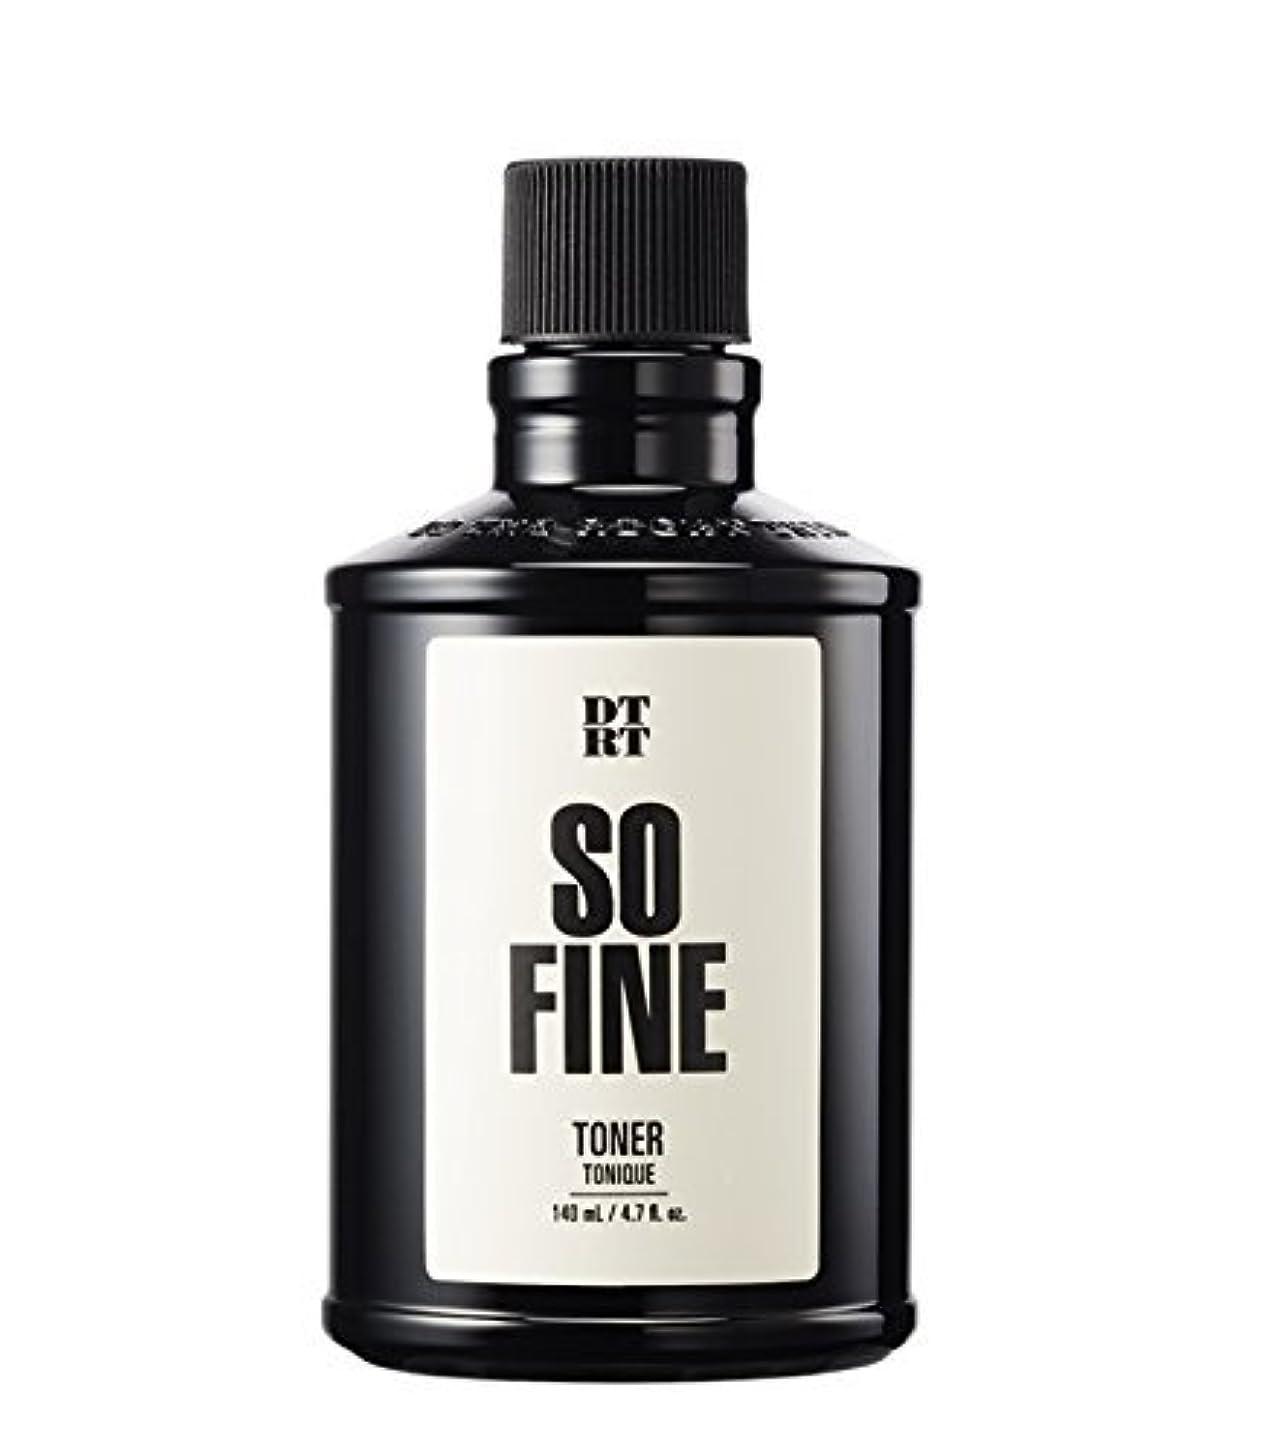 慢驚くばかり熱狂的なDTRT トナーソファイン140ml For men / DTRT So Fine Toner / Korea Cosmetic